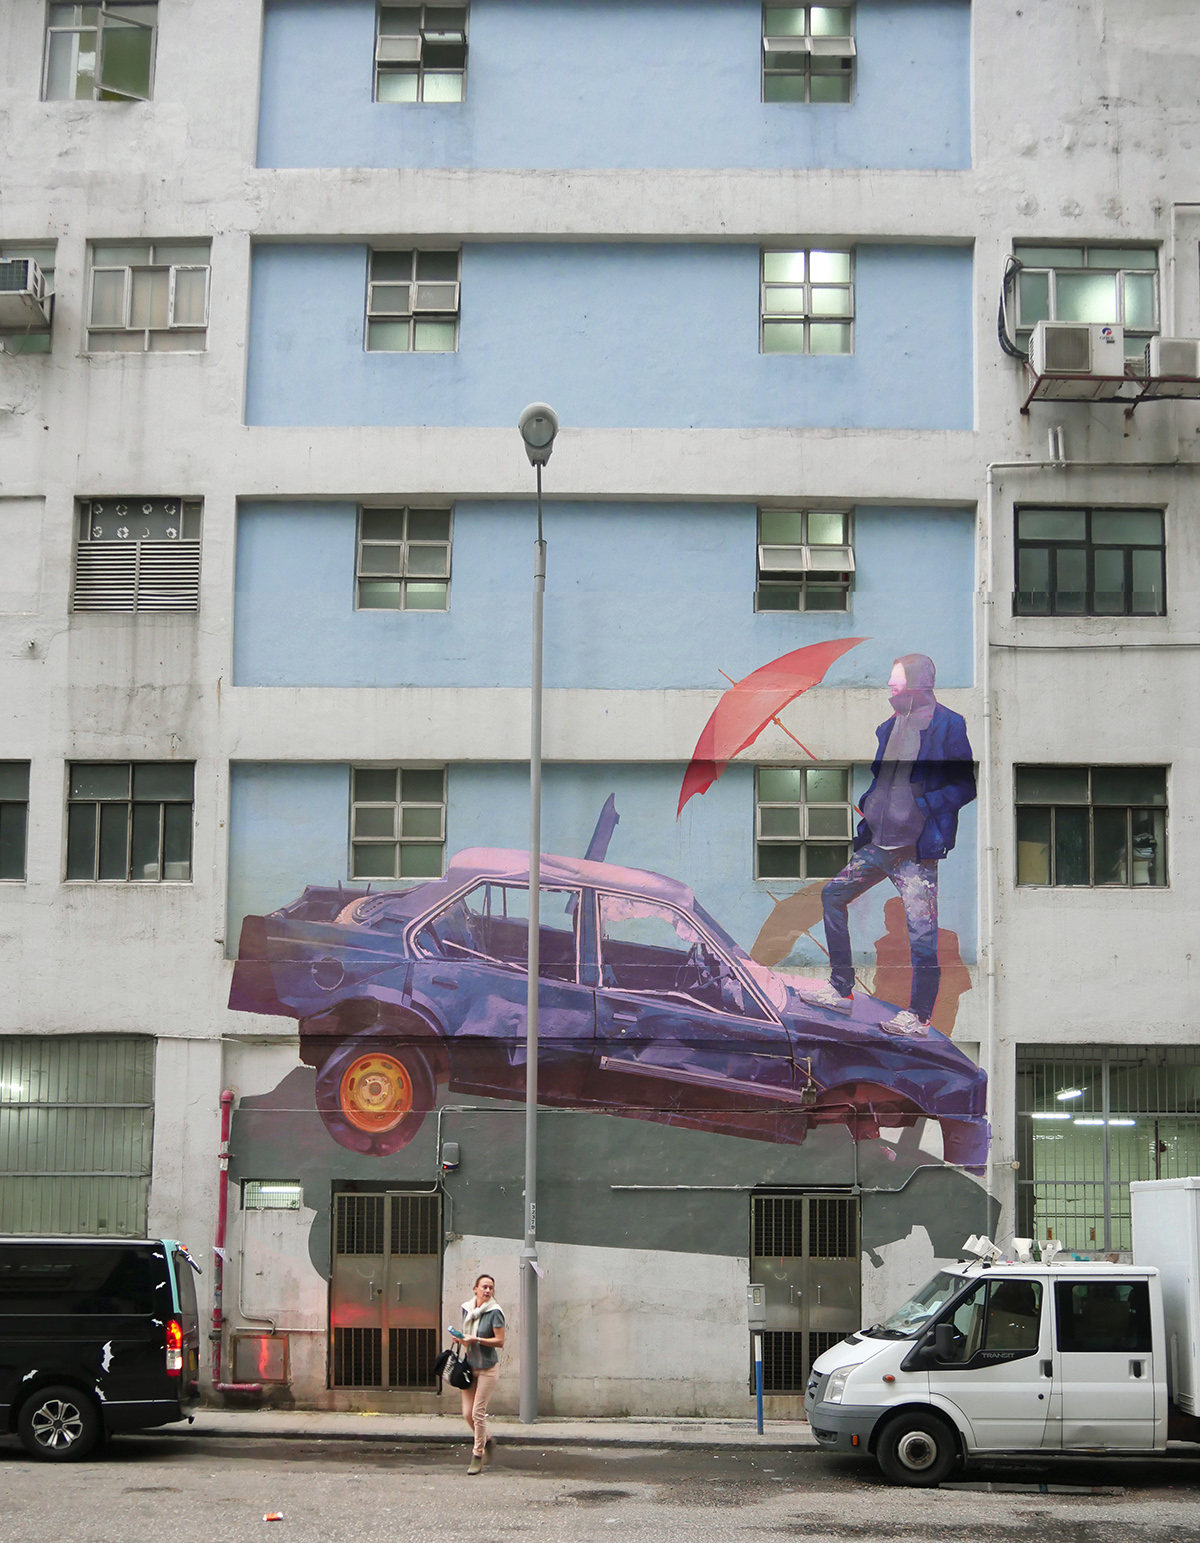 Zoer street art Hong Kong HK Walls